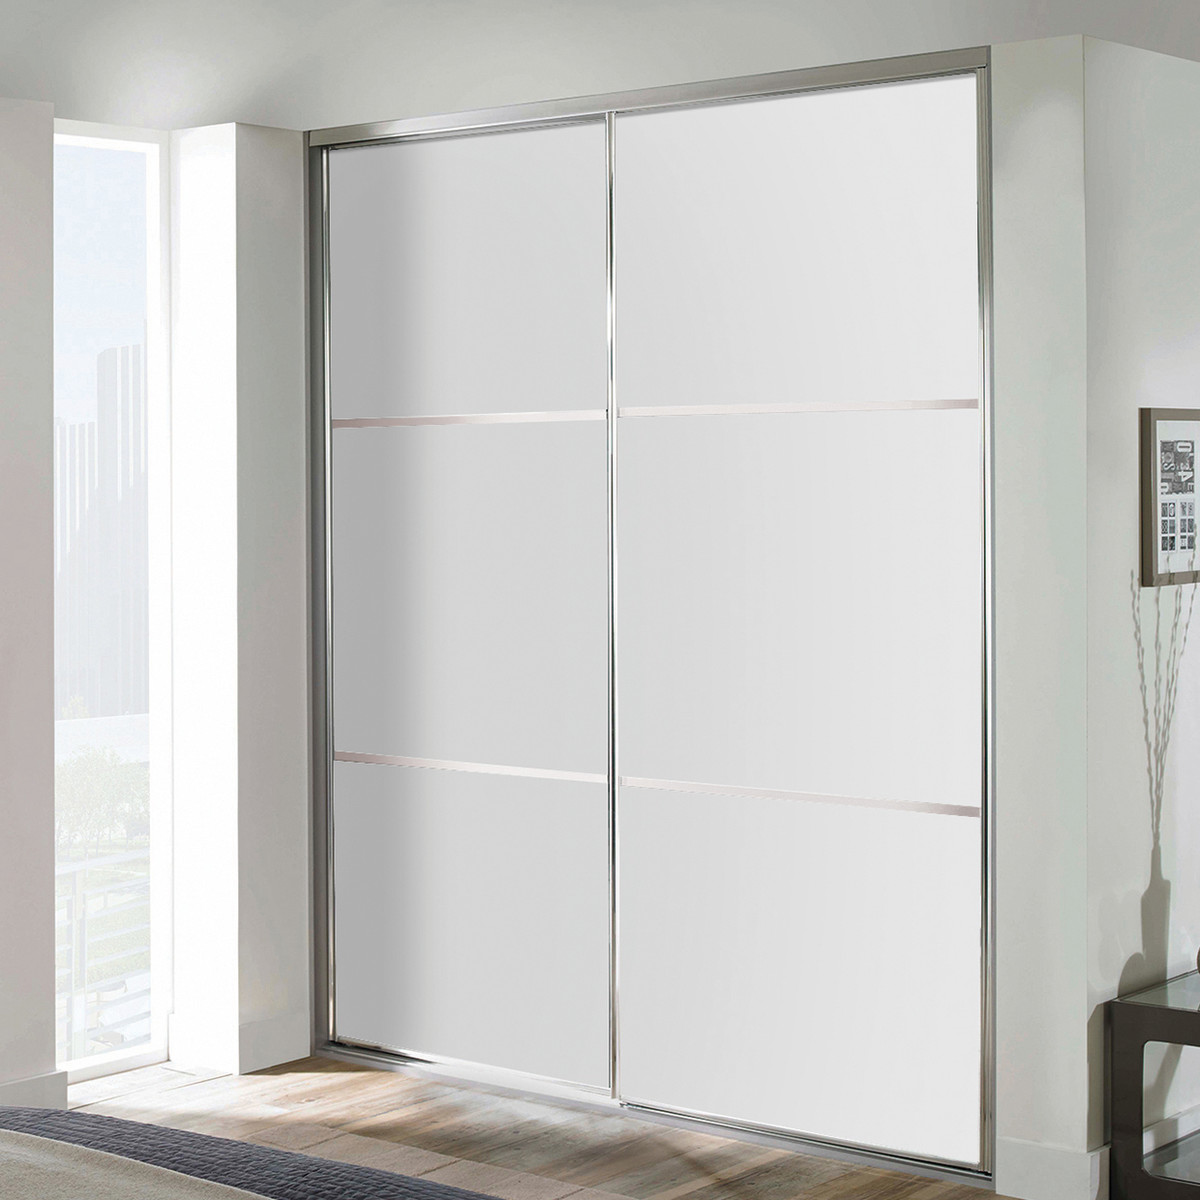 Sistema Ante Scorrevoli Ikea.Ante Armadio A Muro Ikea Vasi Da Muro Ikea Con Porte Per Interni